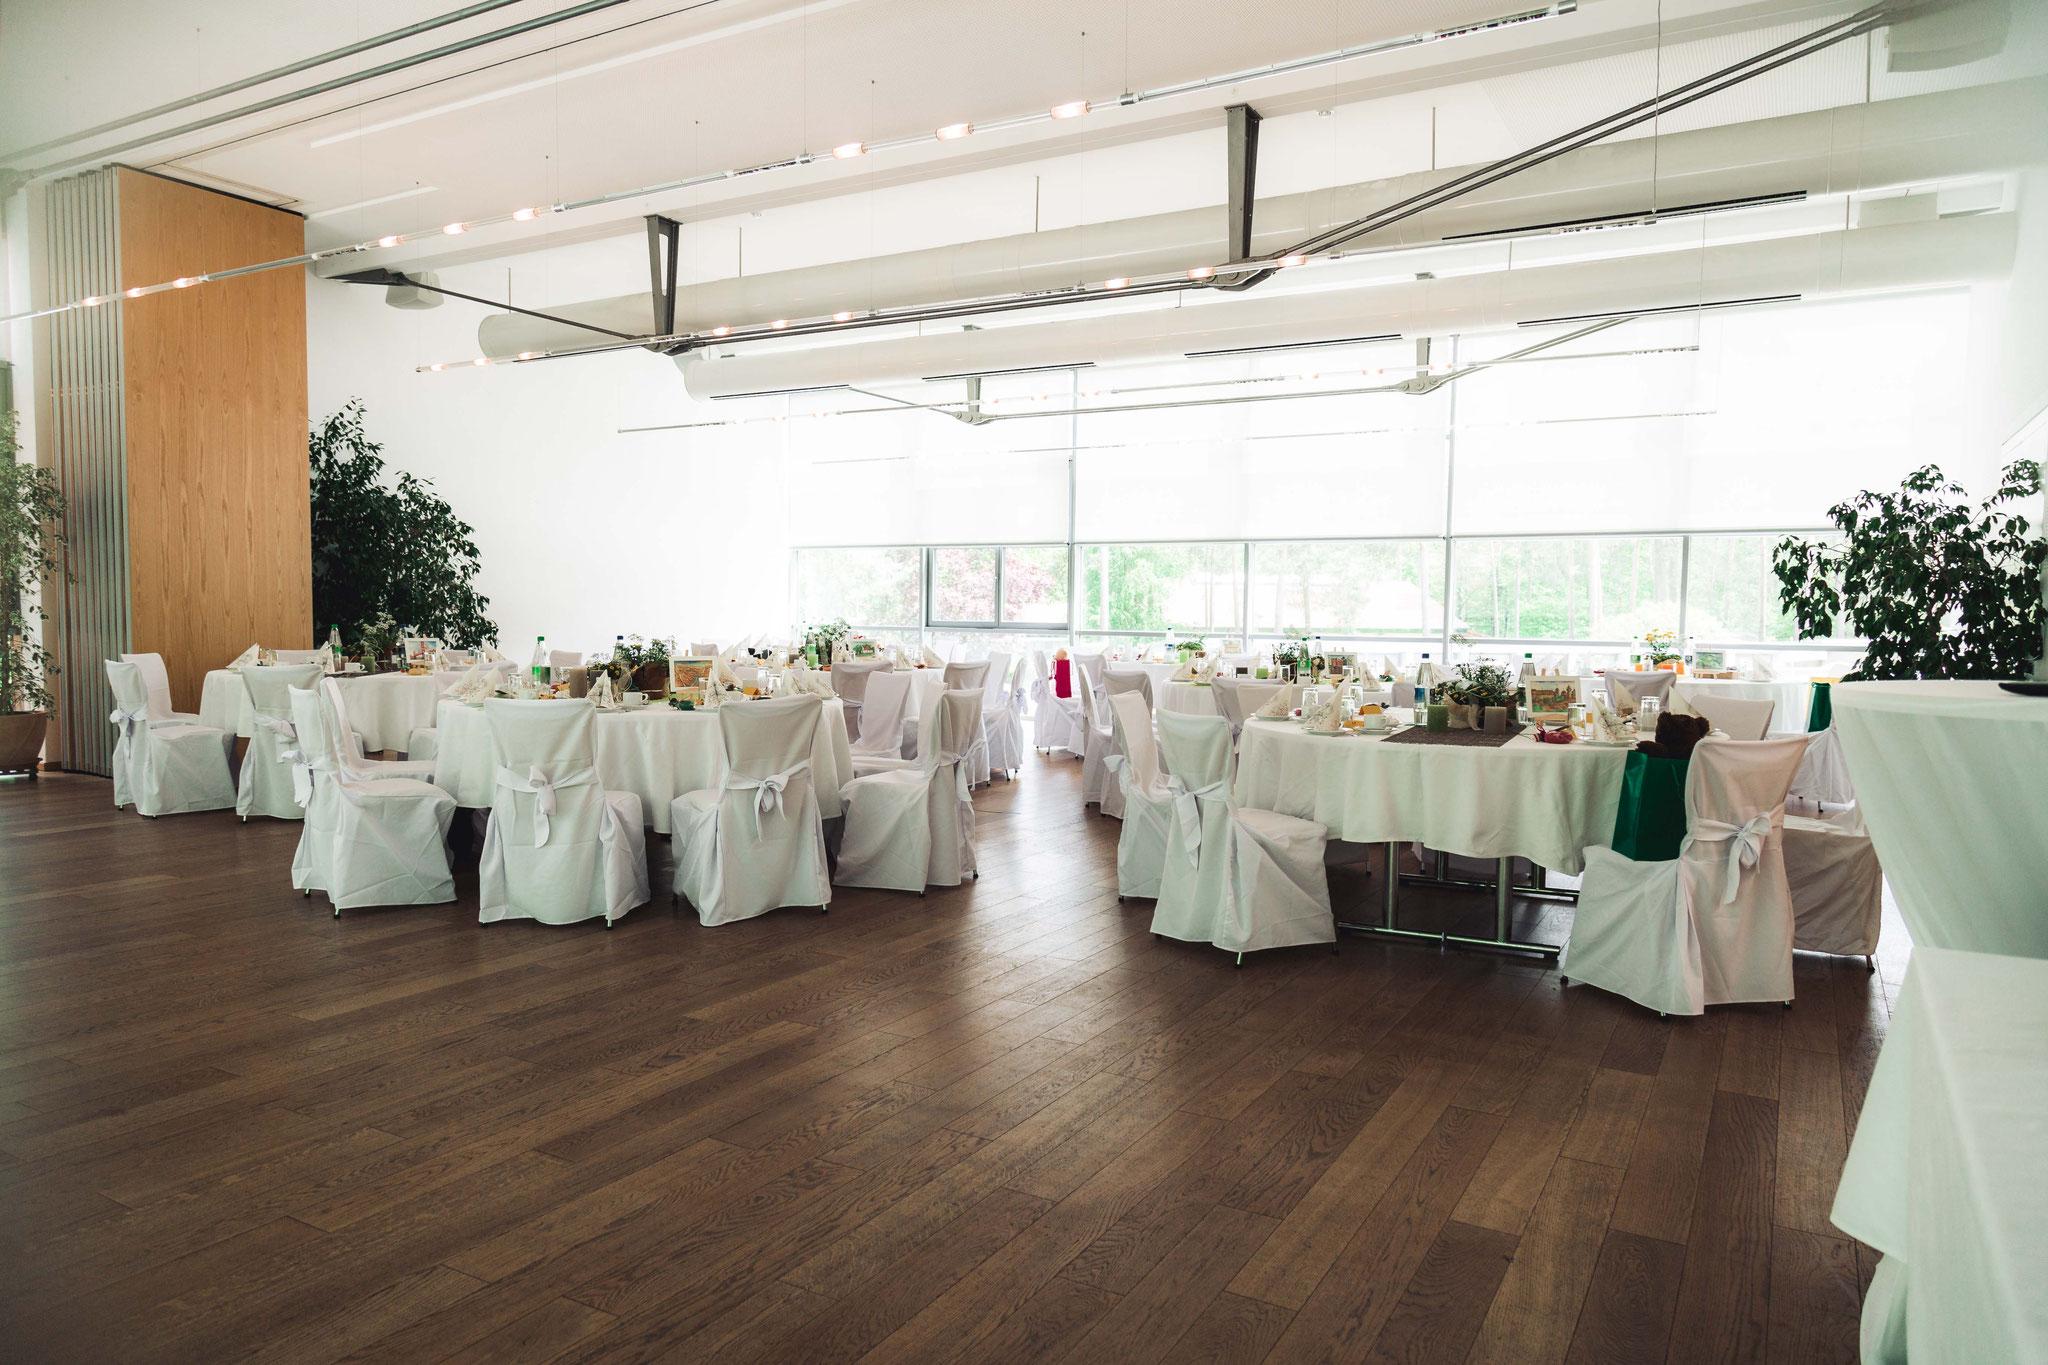 Hochzeitsfotograf in Nürnberg - Standesamt Nürnberg